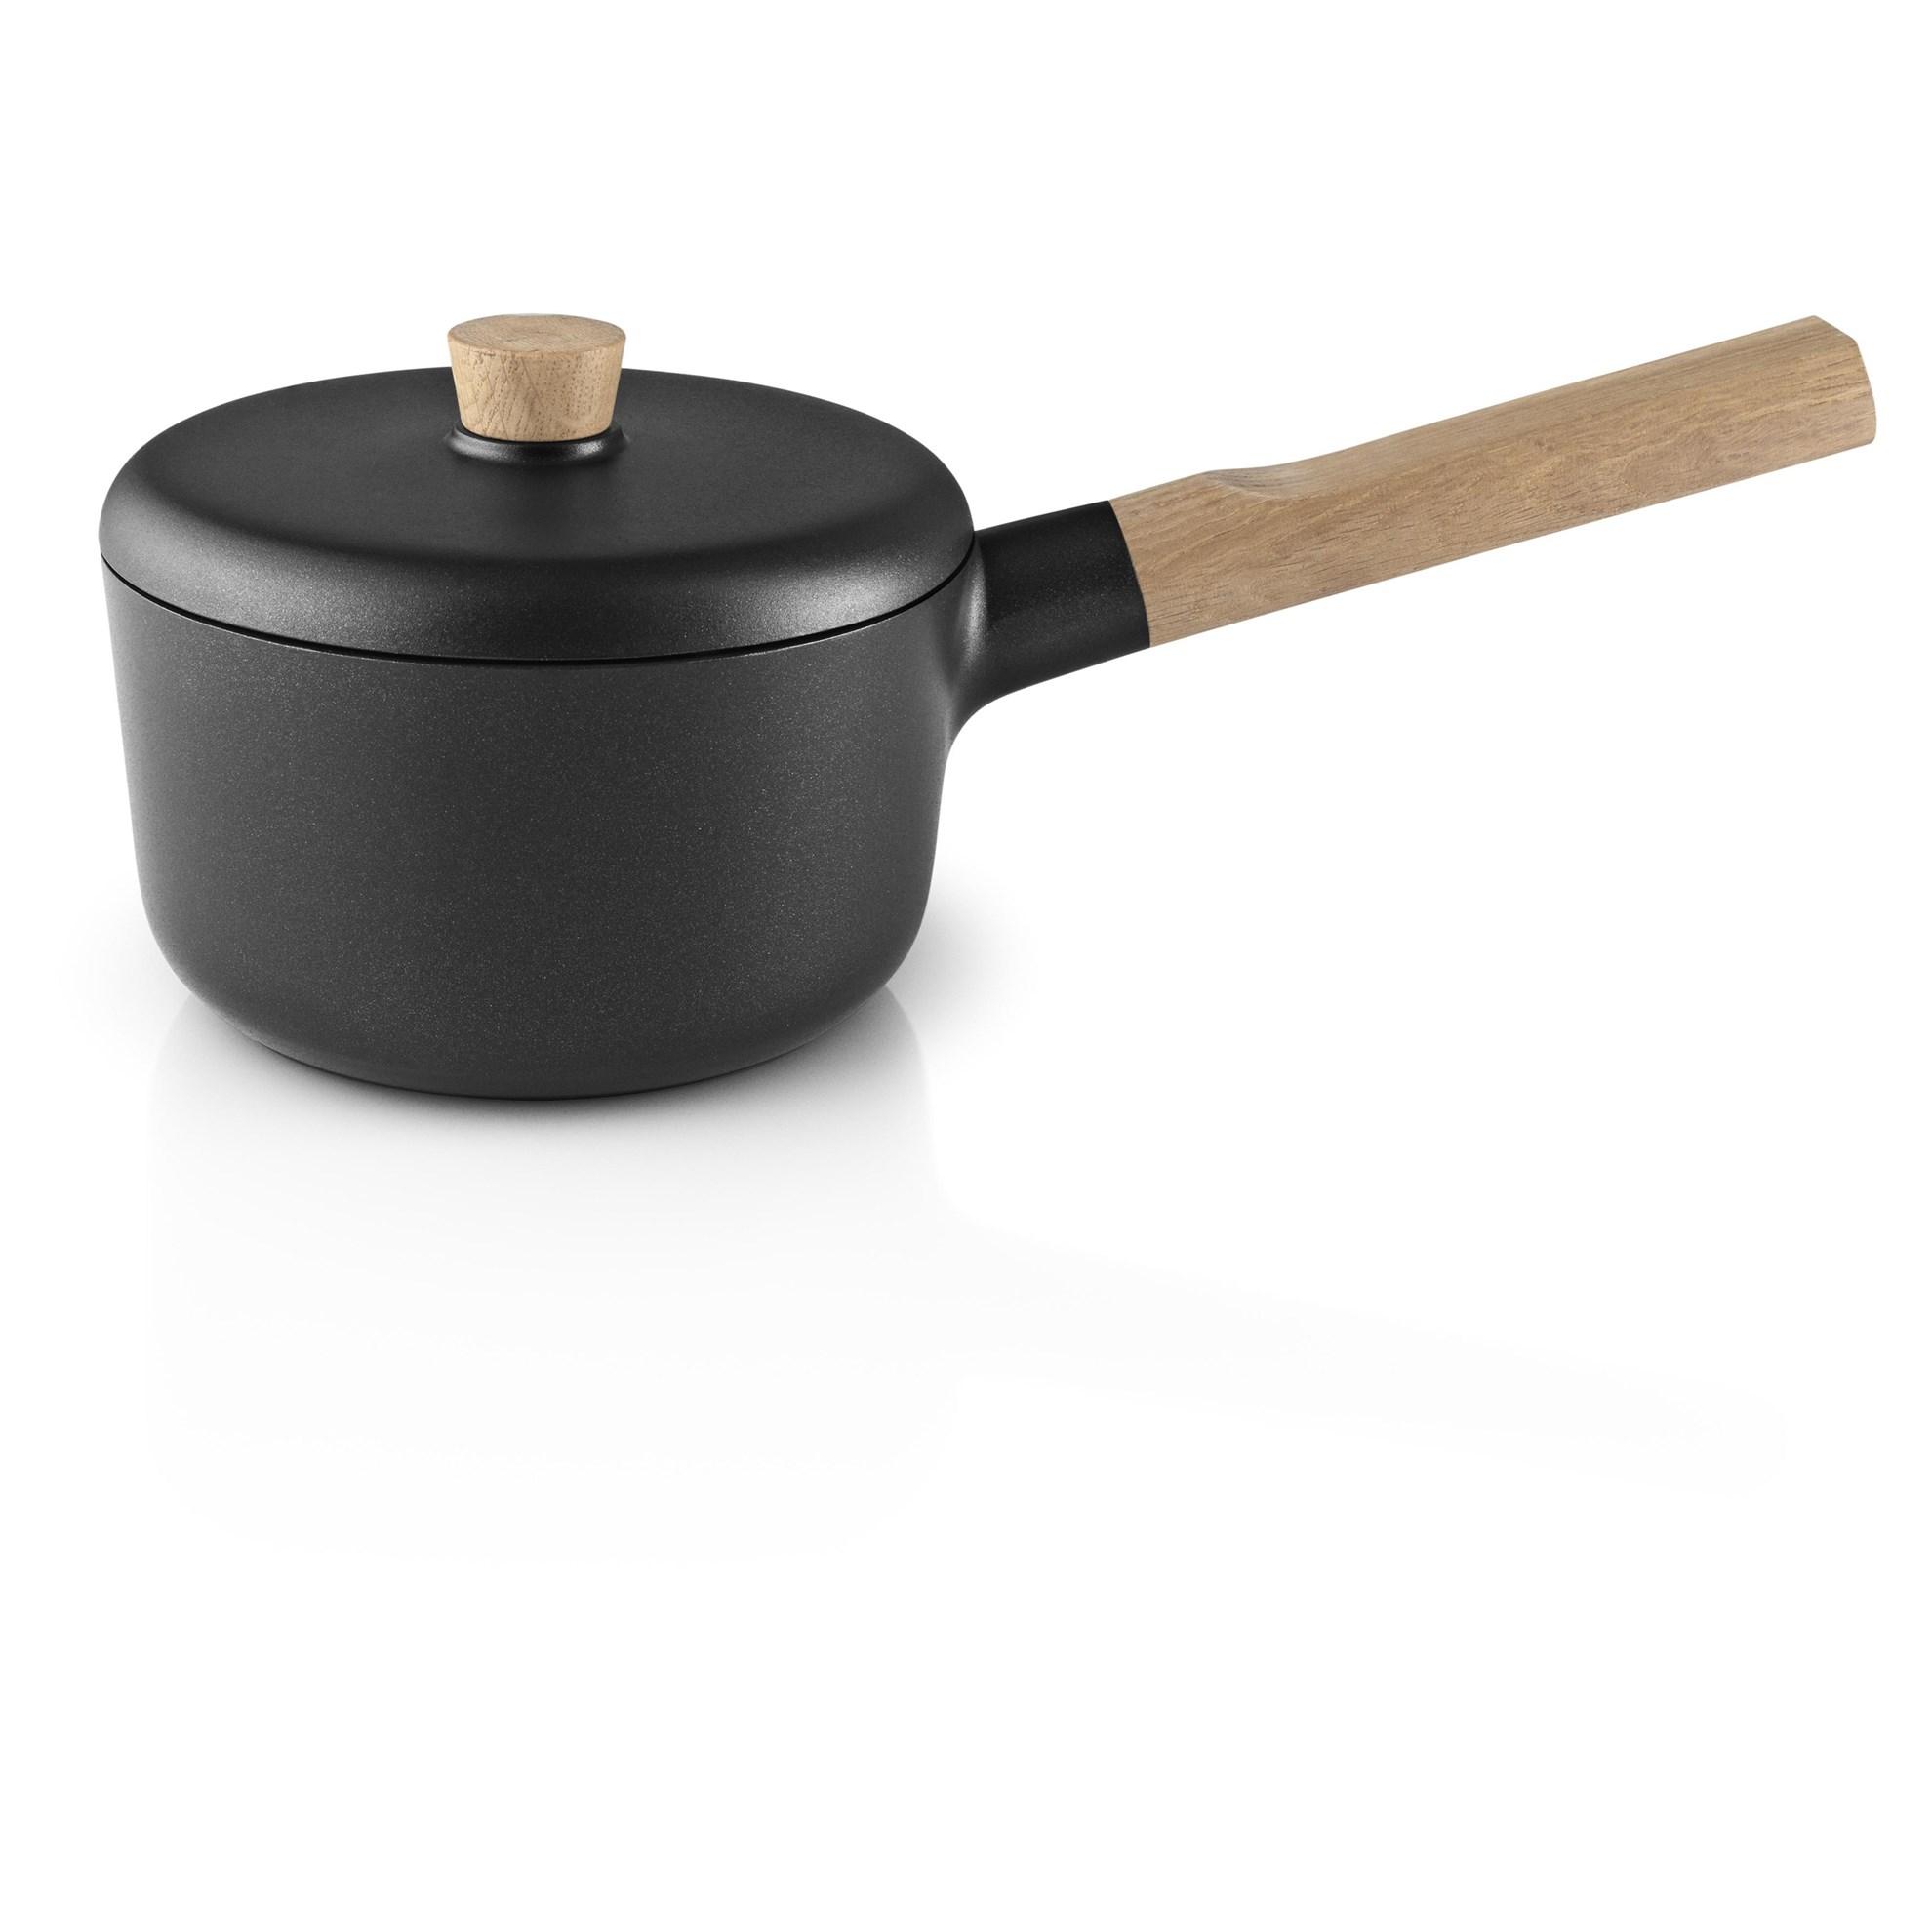 Rendlík s poklicí Nordic Kitchen 1,5l_8